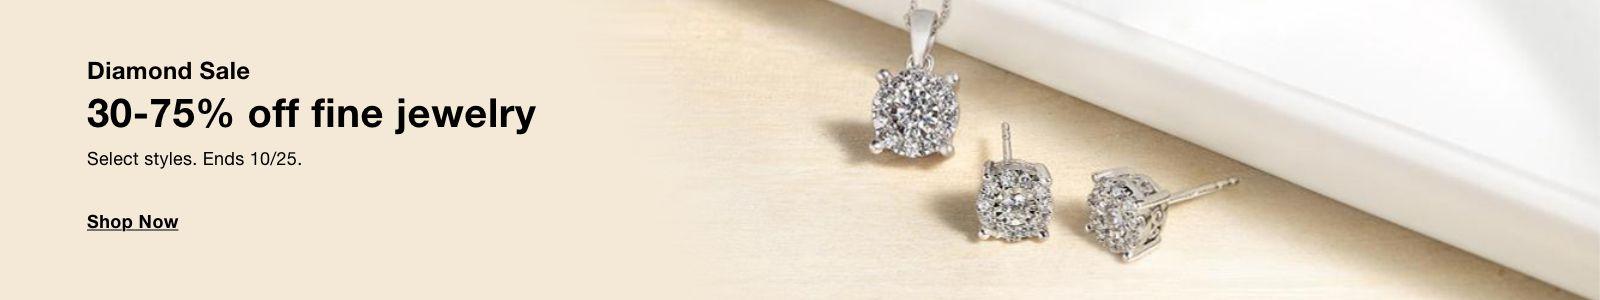 Diamond Sale, 30-75% off fine jewelry Shop Now